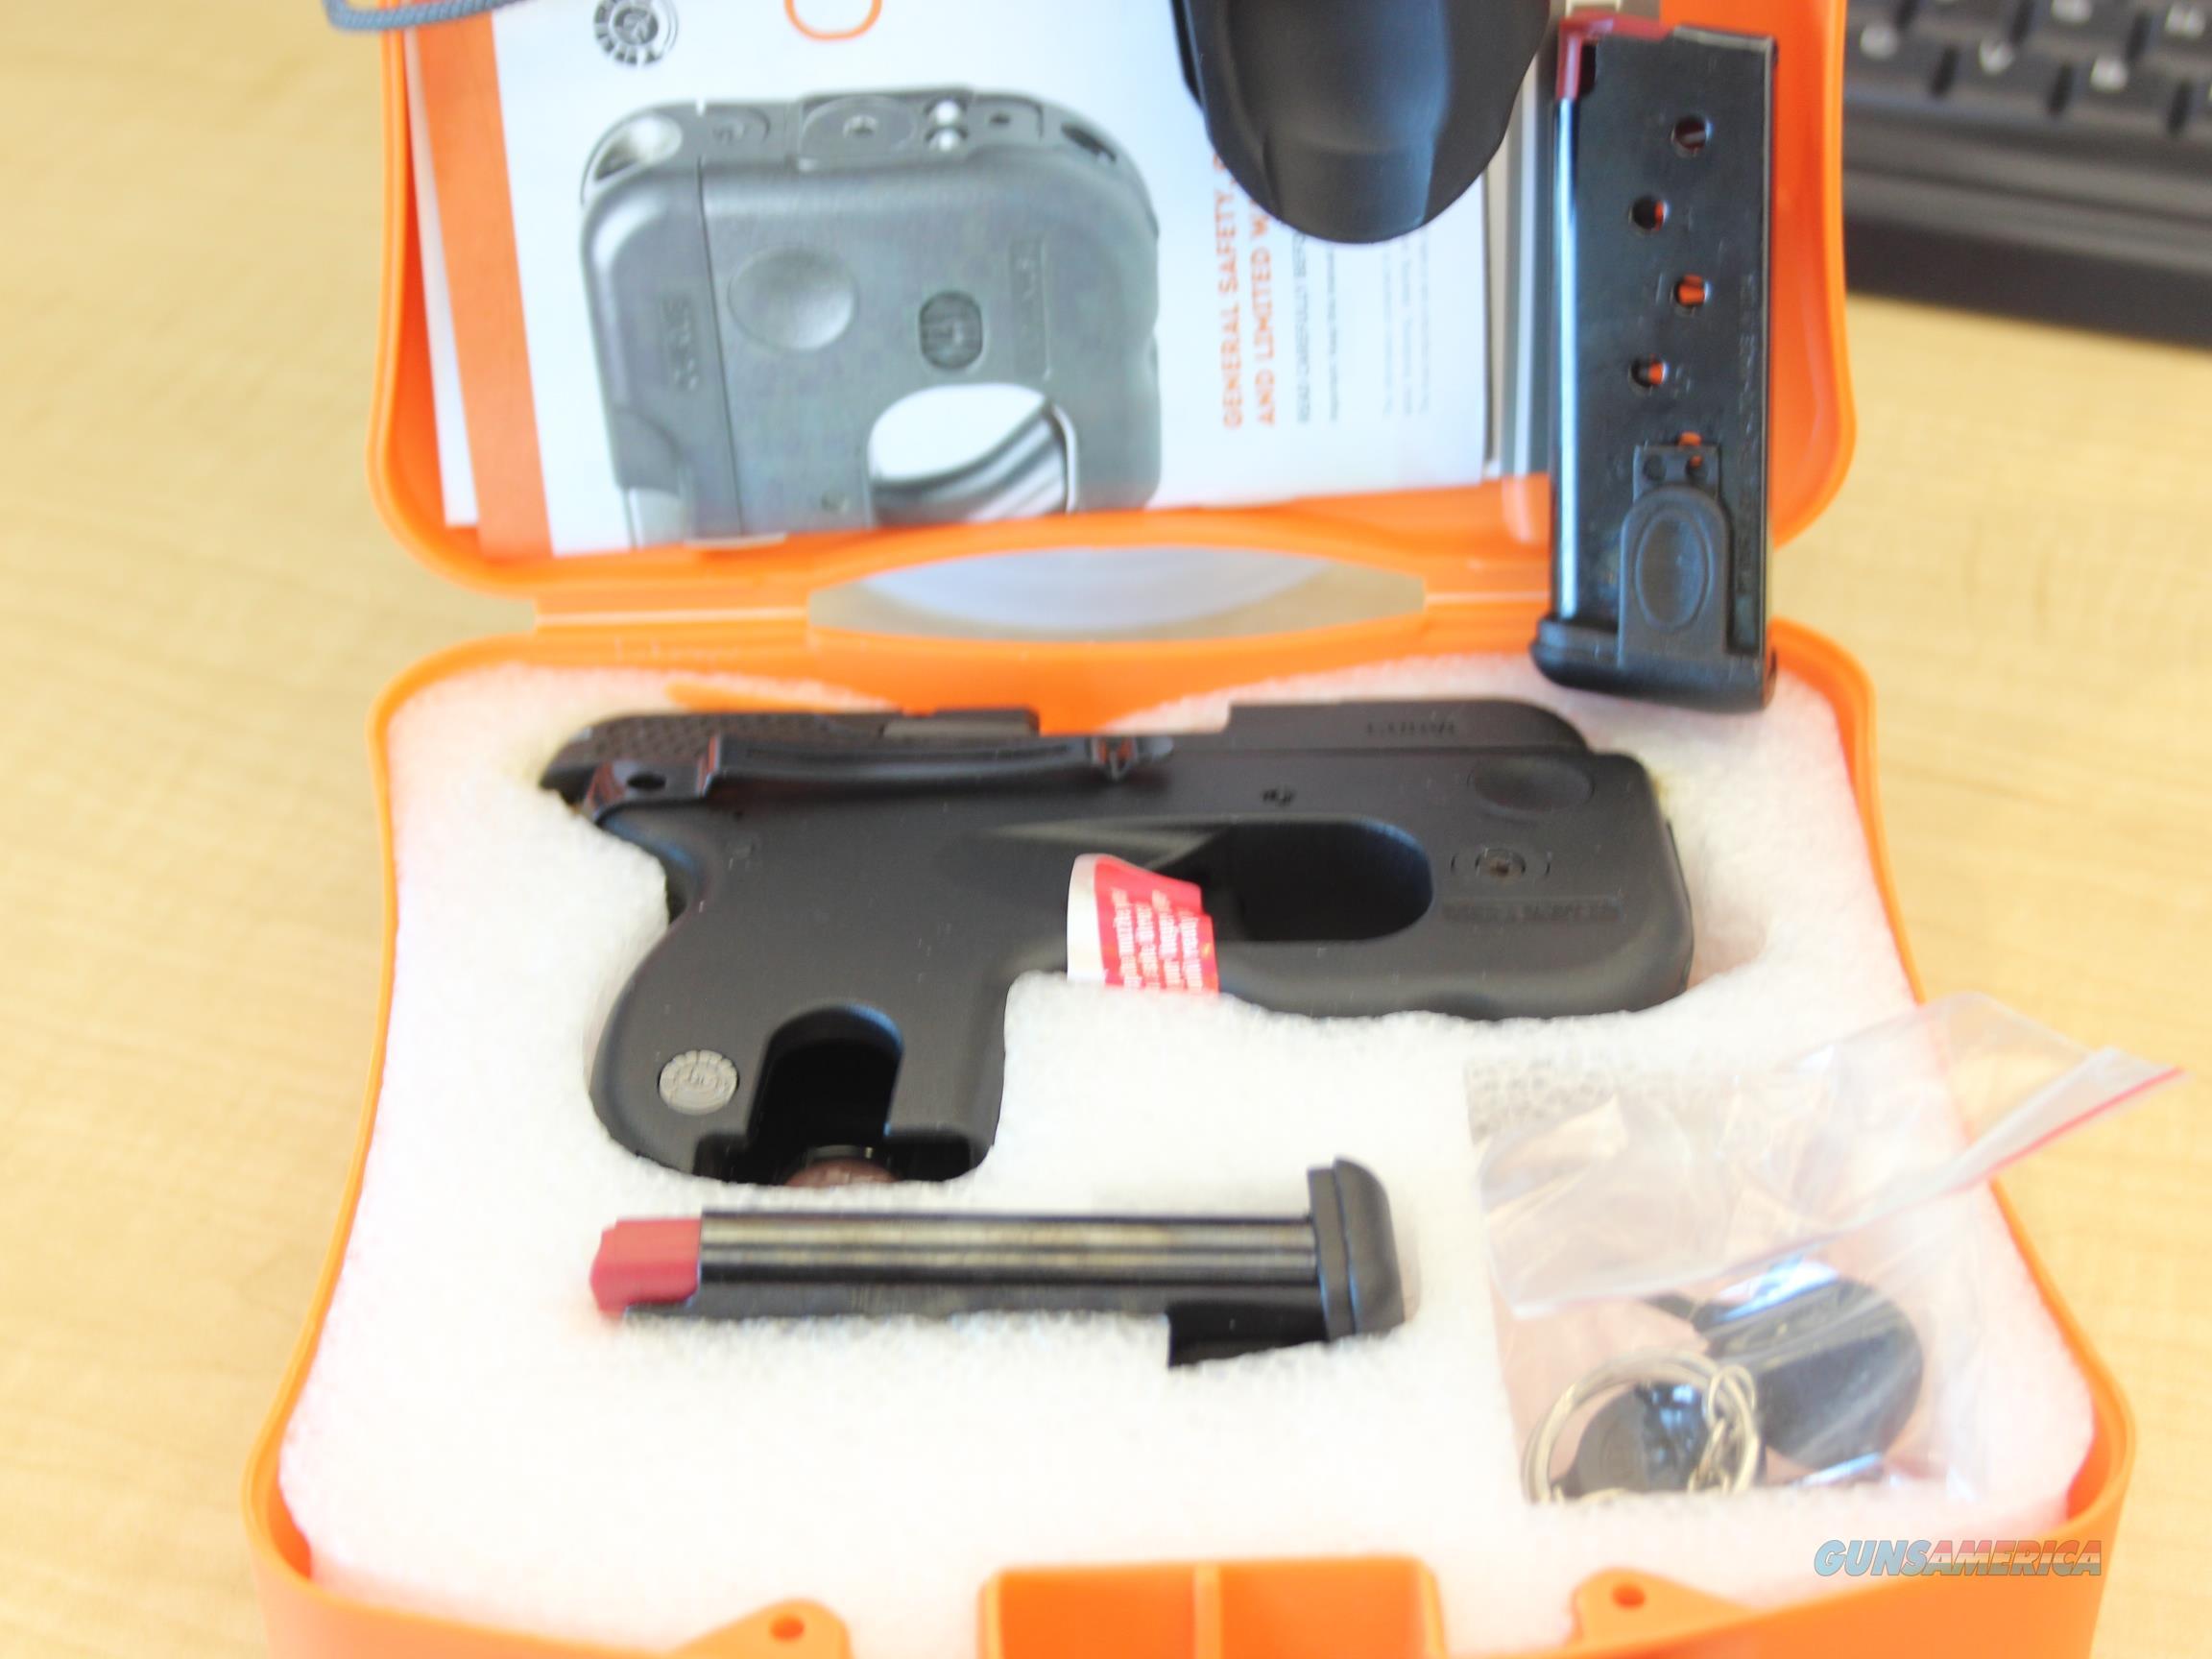 Taurus 180 Curve .380 ACP Pistol  Guns > Pistols > Taurus Pistols > Semi Auto Pistols > Polymer Frame